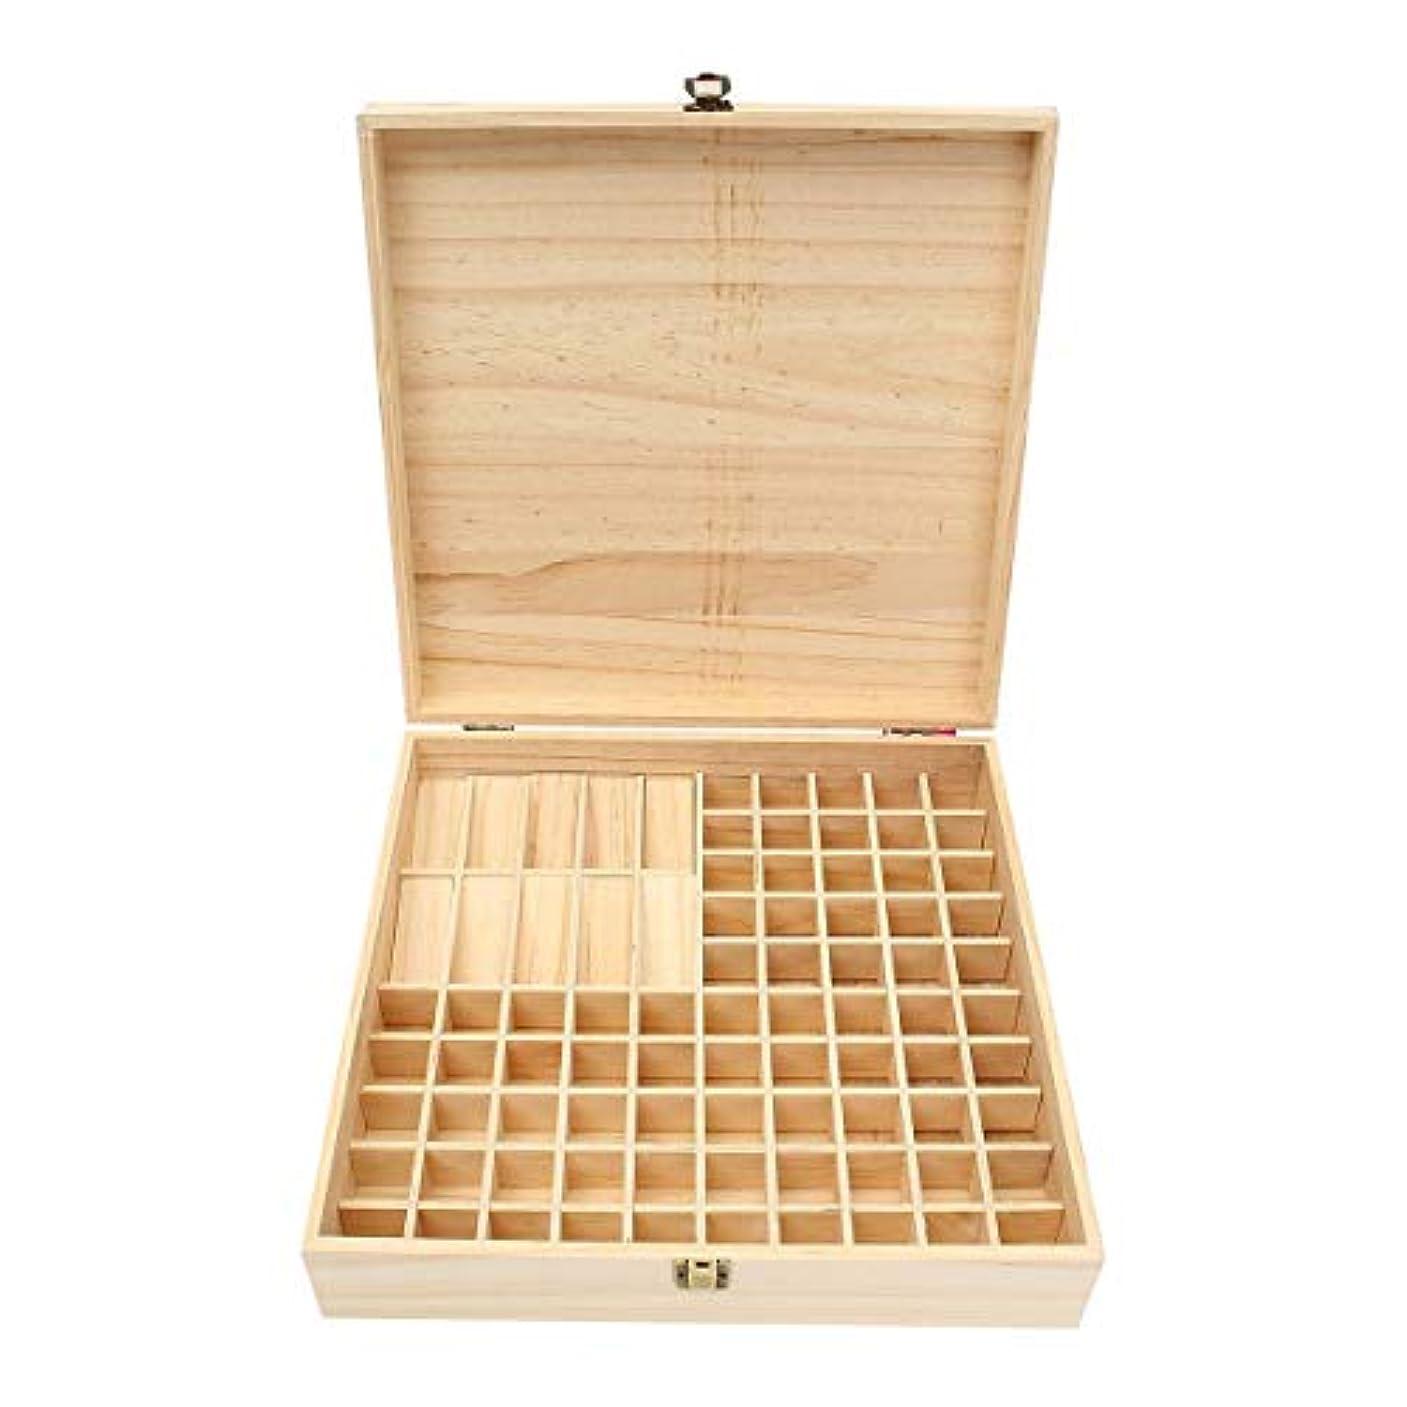 リレートライアスリート十一TINKSKY エッセンシャルオイルケース アロマケース 木製 アロマオイルスタンド 精油ボックス 精油収納 仕切りボックス 85本収納